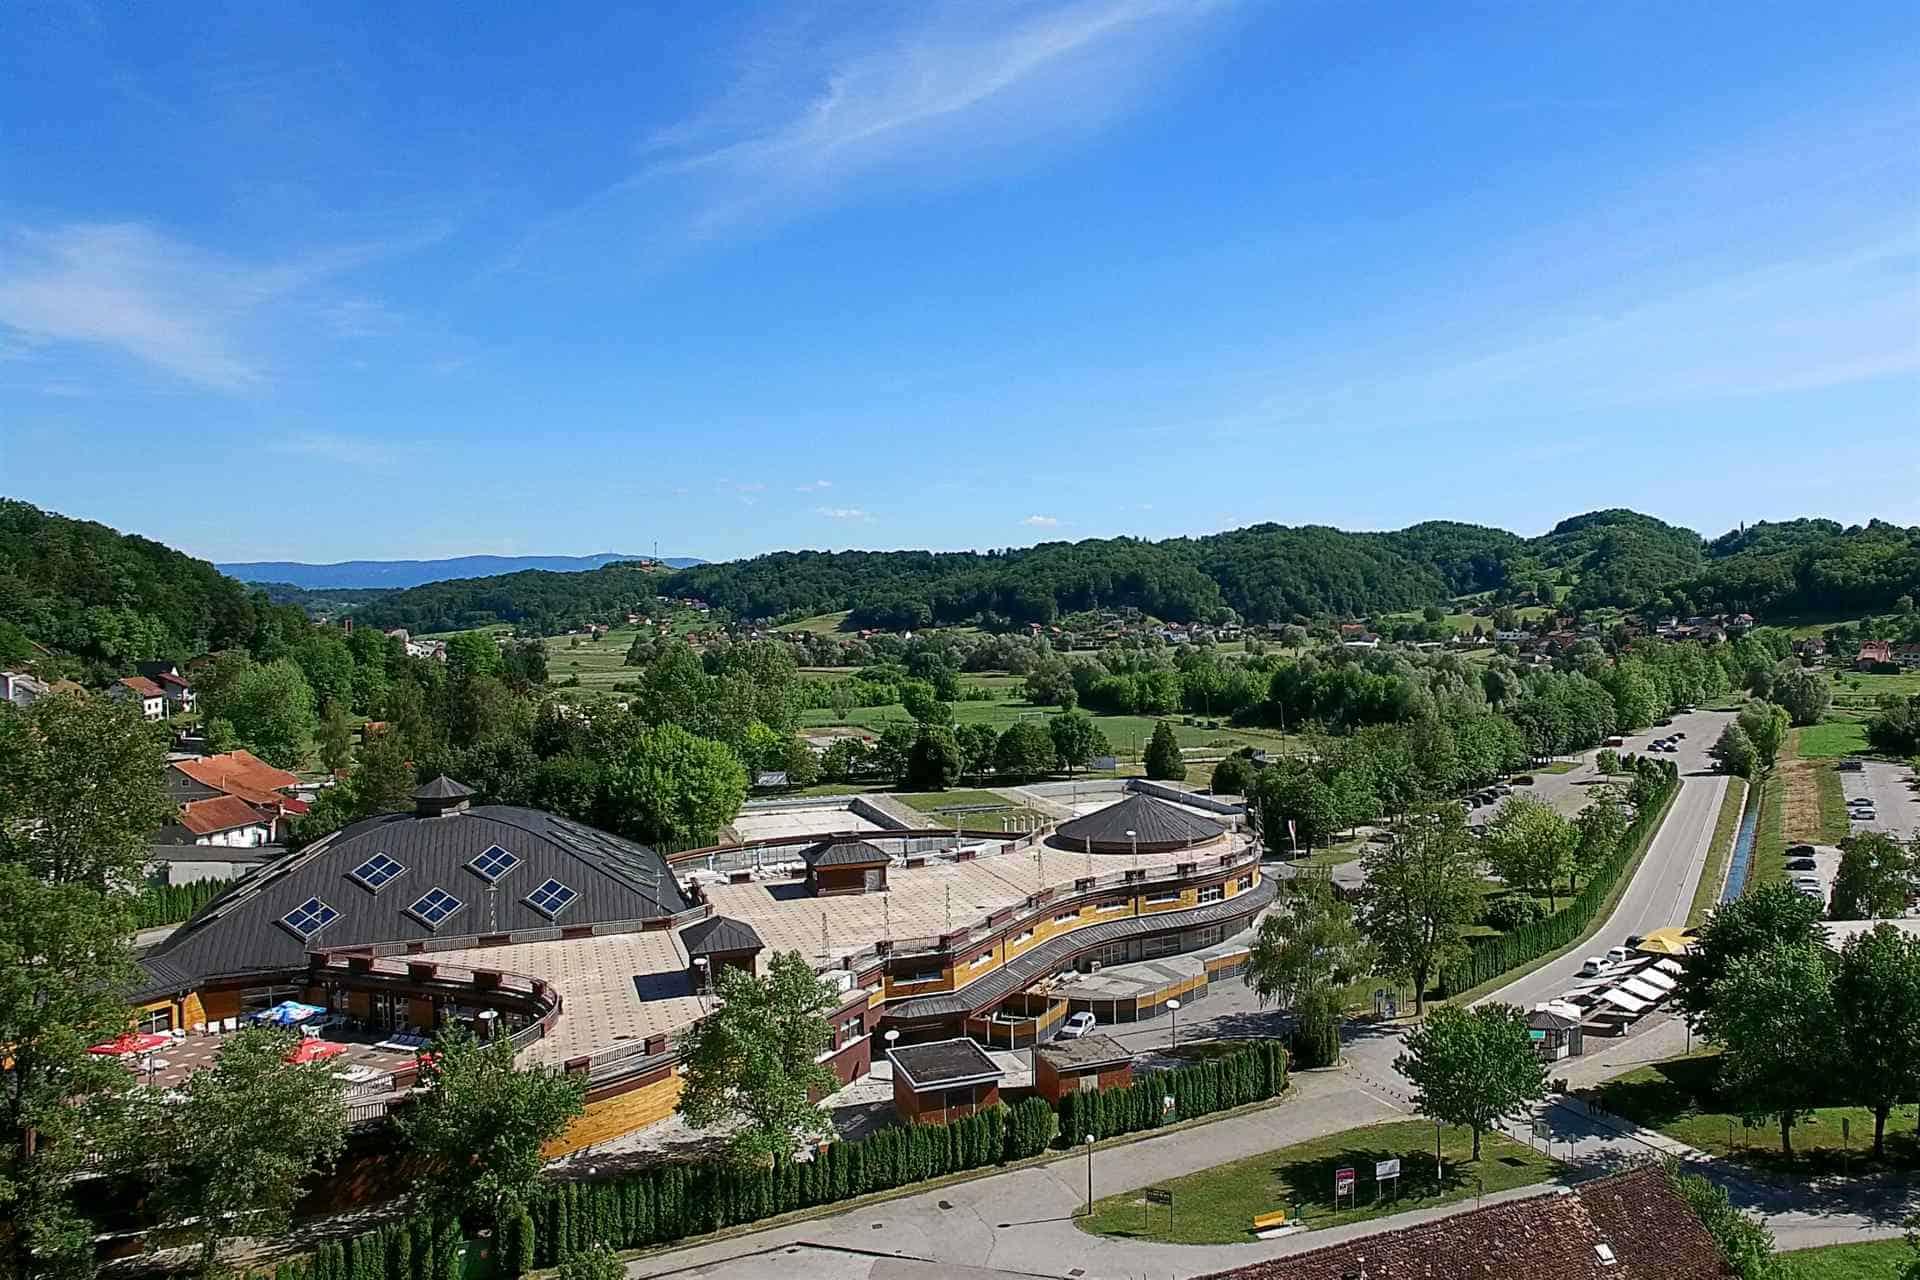 Pogled iz Spa & Wellness - Hotel Villa Magdalena, Krapinske Toplice